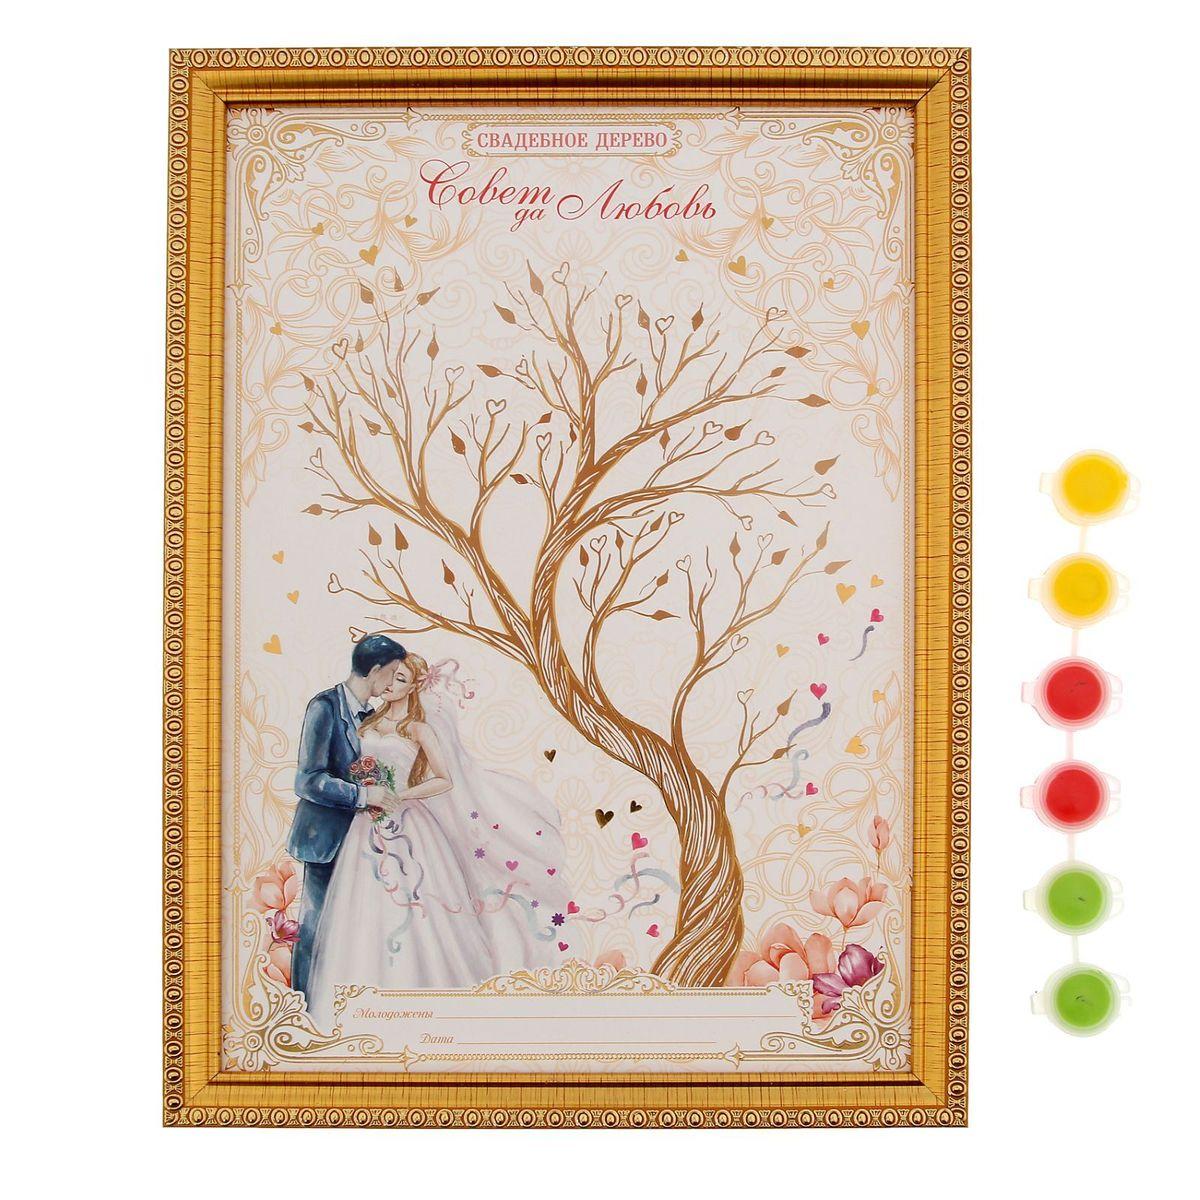 Дерево свадебных пожеланий в рамке Sima-land Жених и невеста, 32 x 23,2 x 1,5 см1221279Свадебное дерево пожеланий в рамке Жених и невеста — оригинальный способ собрать самые тёплые пожелания молодожёнам в одном месте! Процесс создания такого дерева захватывает и увлекает, ведь каждый листик — это отпечаток пальца. Во время торжества все гости смогут оставить памятный принт и написать искренние слова. Краски уже есть в комплекте. После они легко смоются с рук гостей. Специальная петля и ножка с обратной стороны позволяют повесить дерево пожеланий на стену, либо поставить его на стол или полку. Сувенир преподносится в подарочной коробочке. Сохраните приятные воспоминания о самом незабываемом дне!